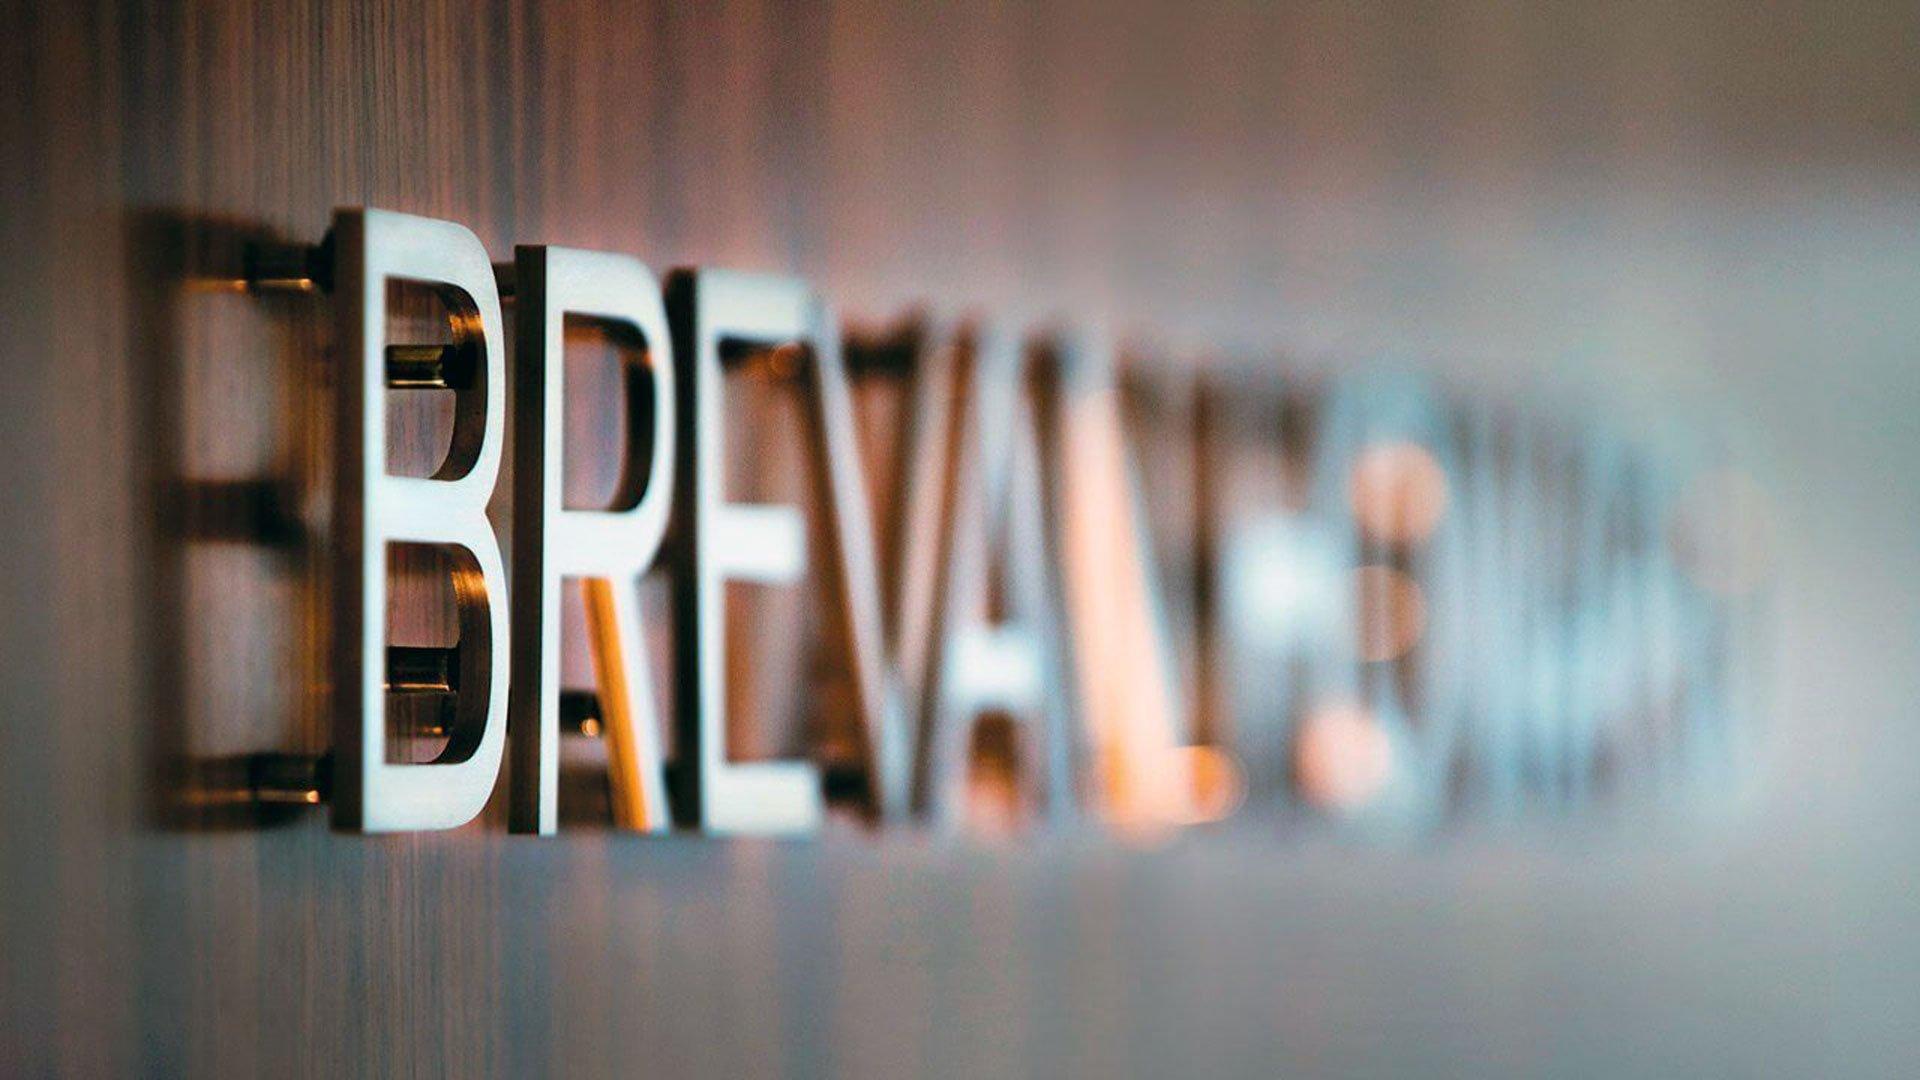 Британский хедж-фонд инвестирует в криптовалюту $84 миллиона